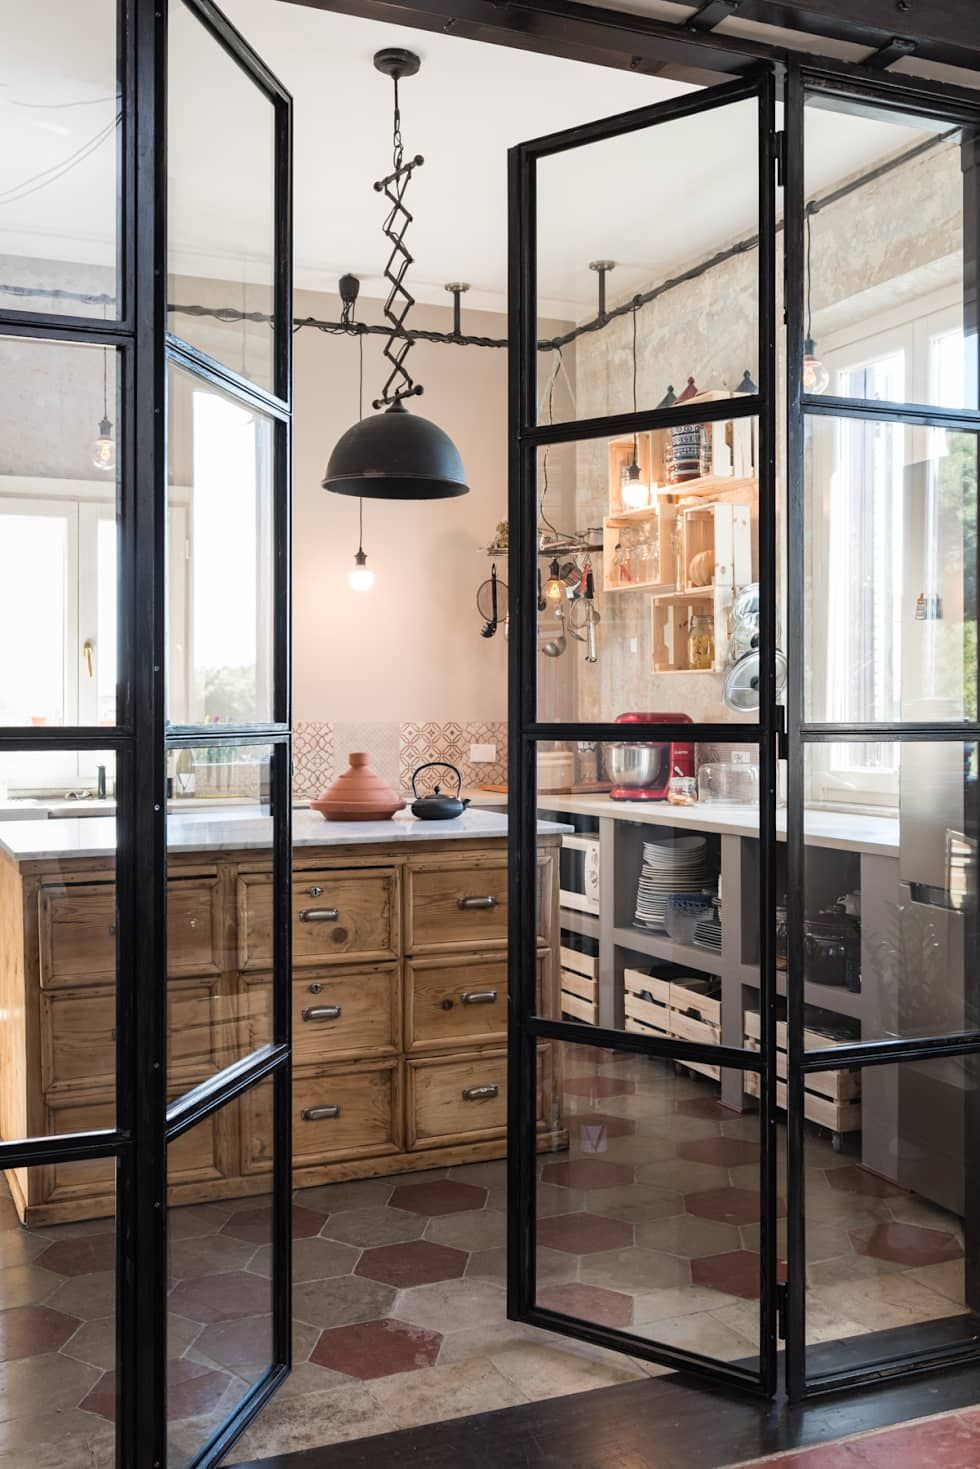 Scl flat cucina in stile di caterina raddi nel 2019 for Interni e design